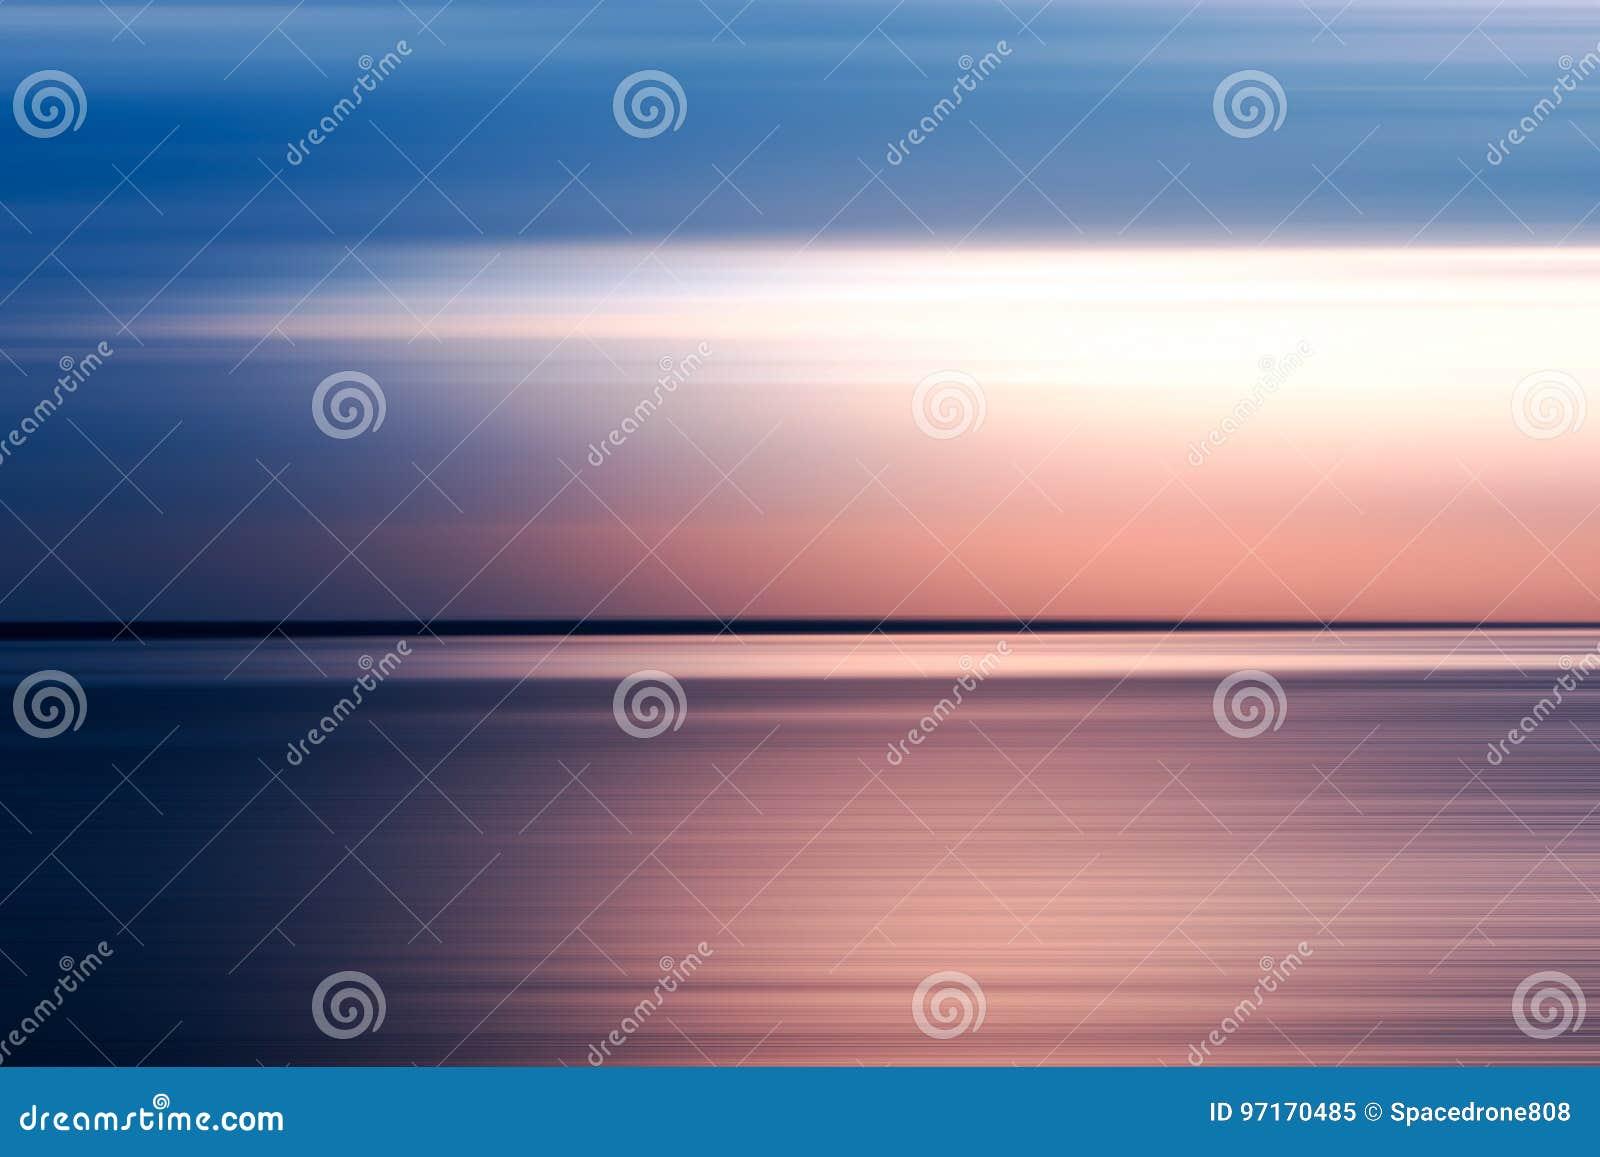 Fondo rosado y azul horizontal de falta de definición de movimiento